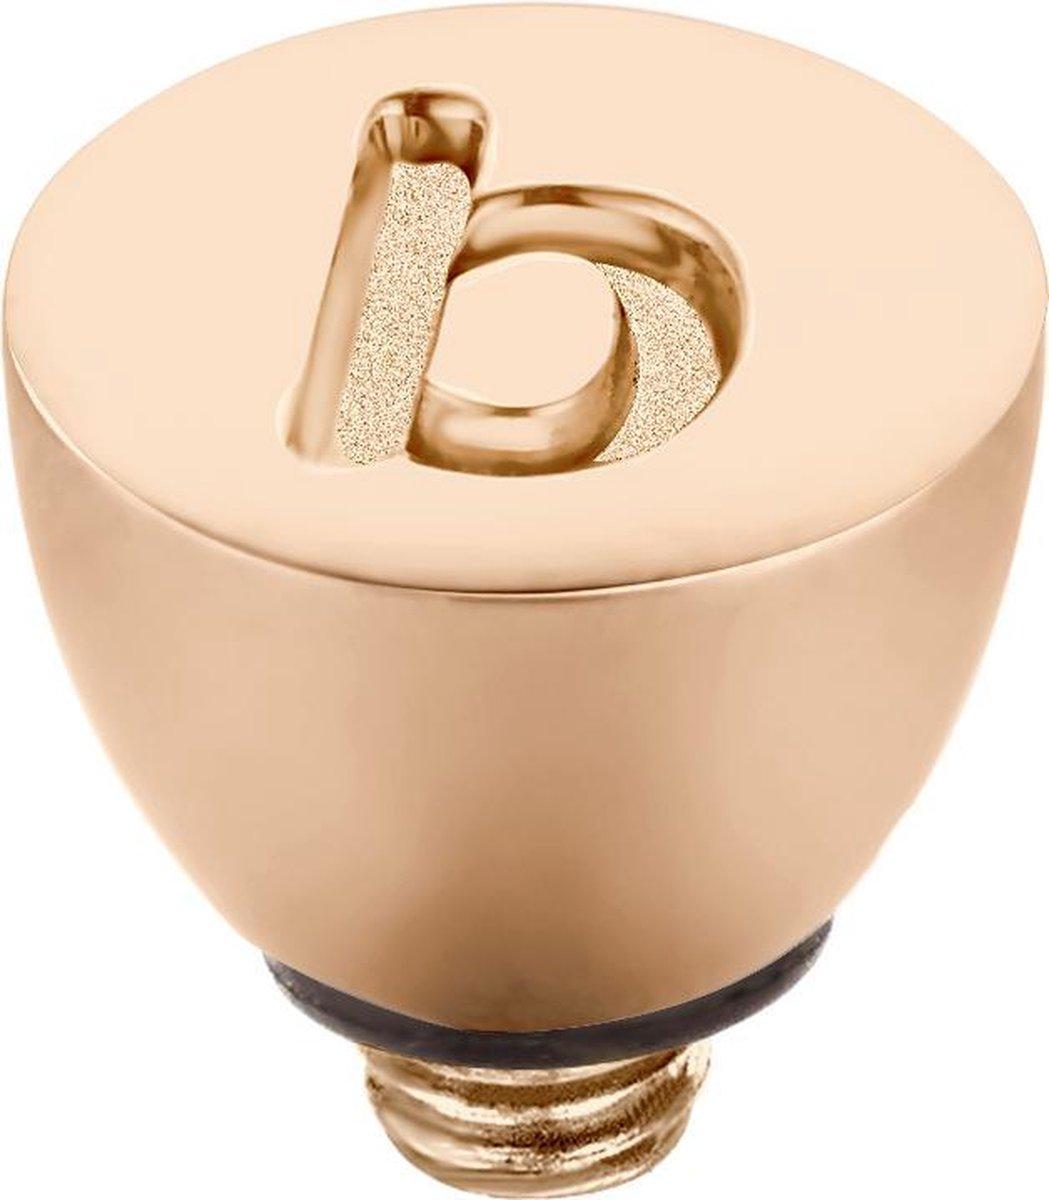 Melano Twisted steentje - letter B- dames - rosekleurig - 6 mm - Melano Jewelry